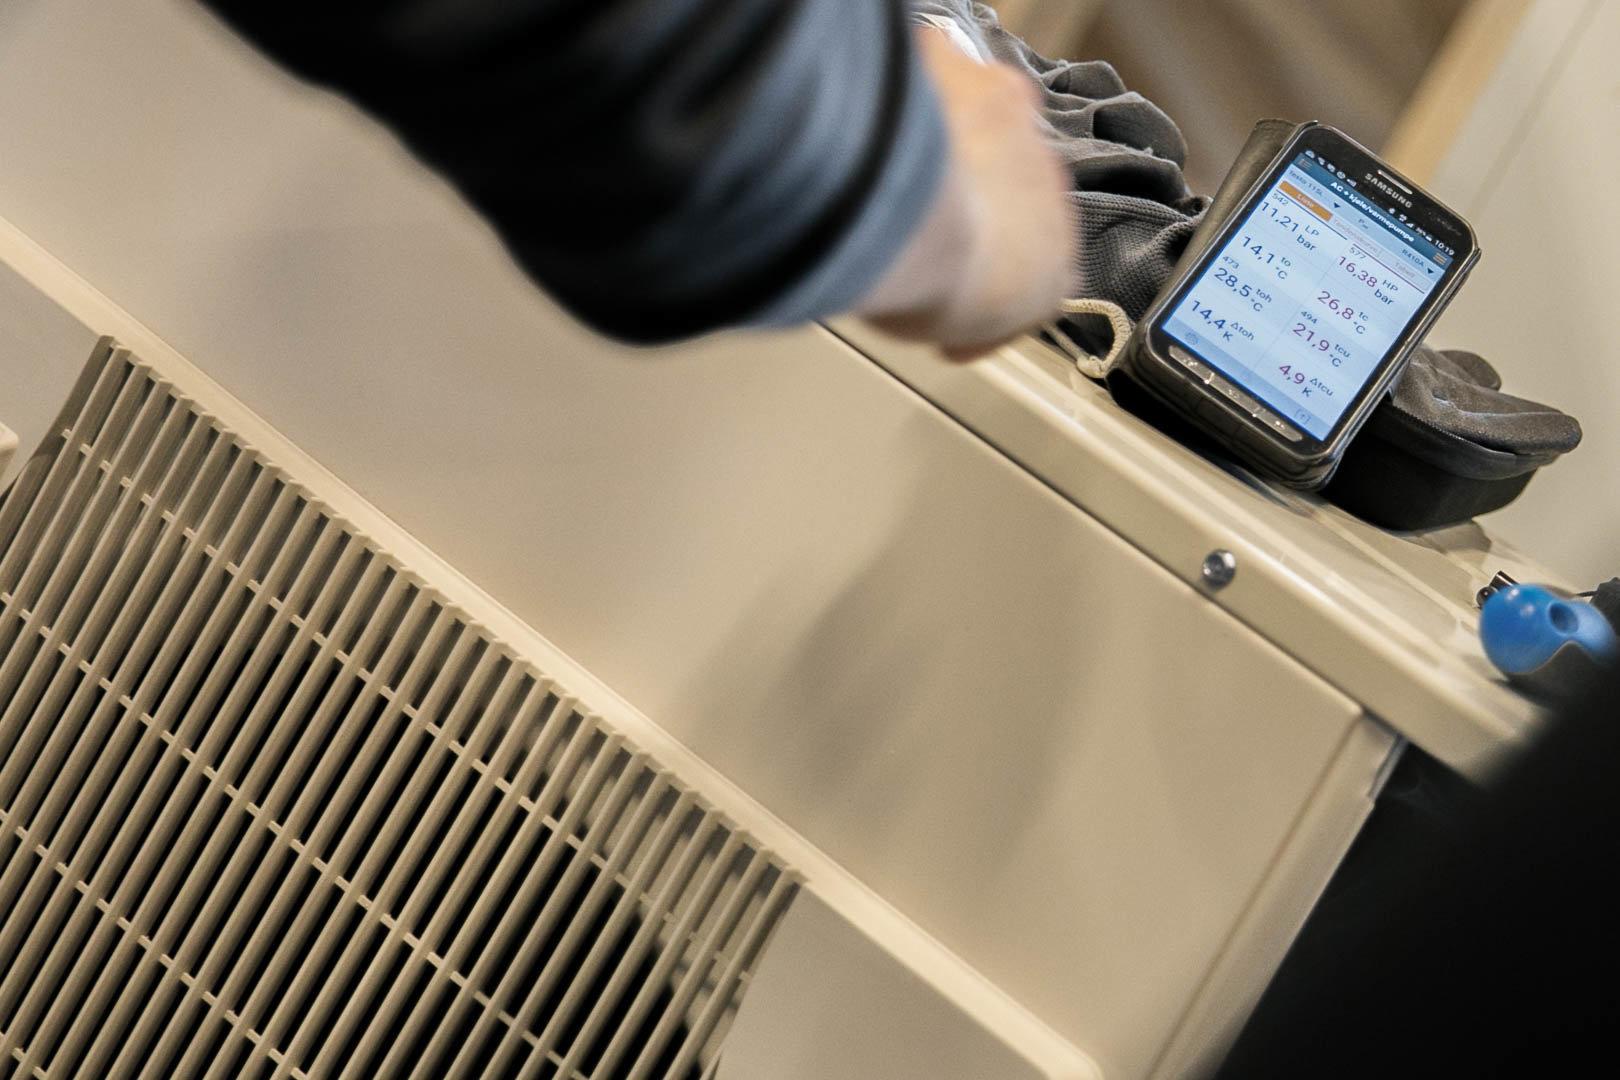 Slik leser du tester av varmepumper